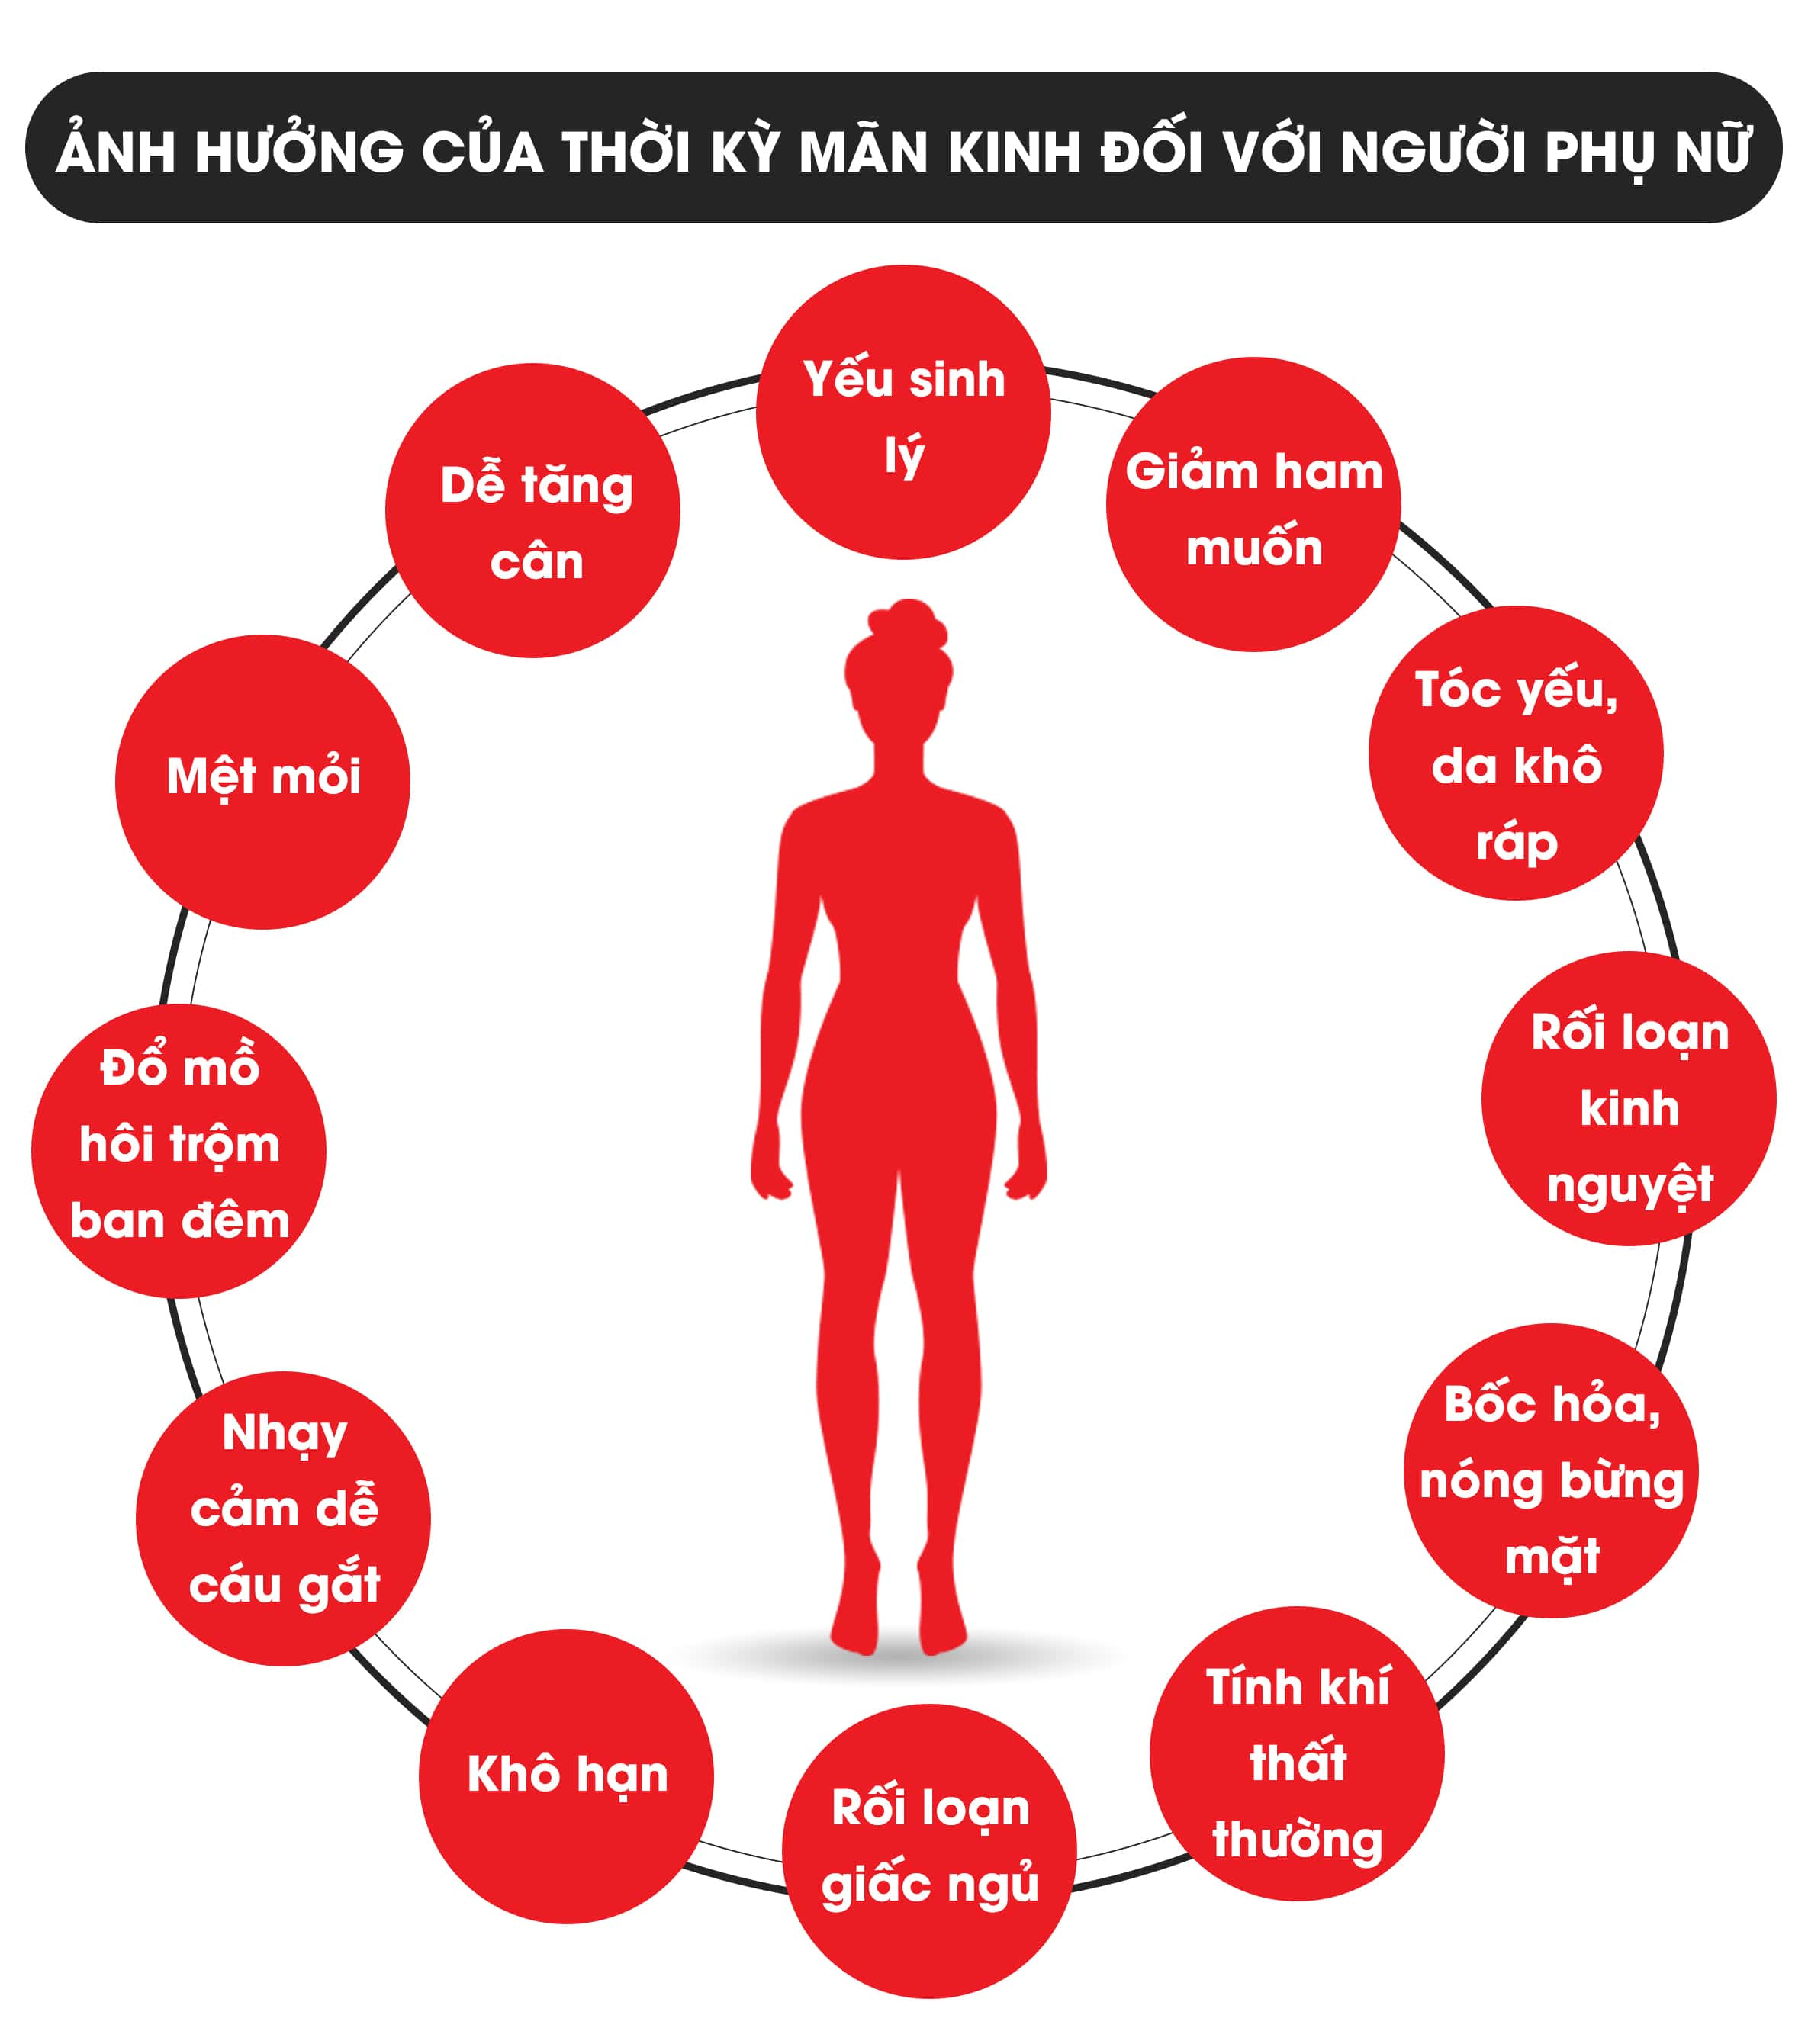 anh-huong-cua-thoi-ky-tien-man-kinh-doi-voi-phu-nu